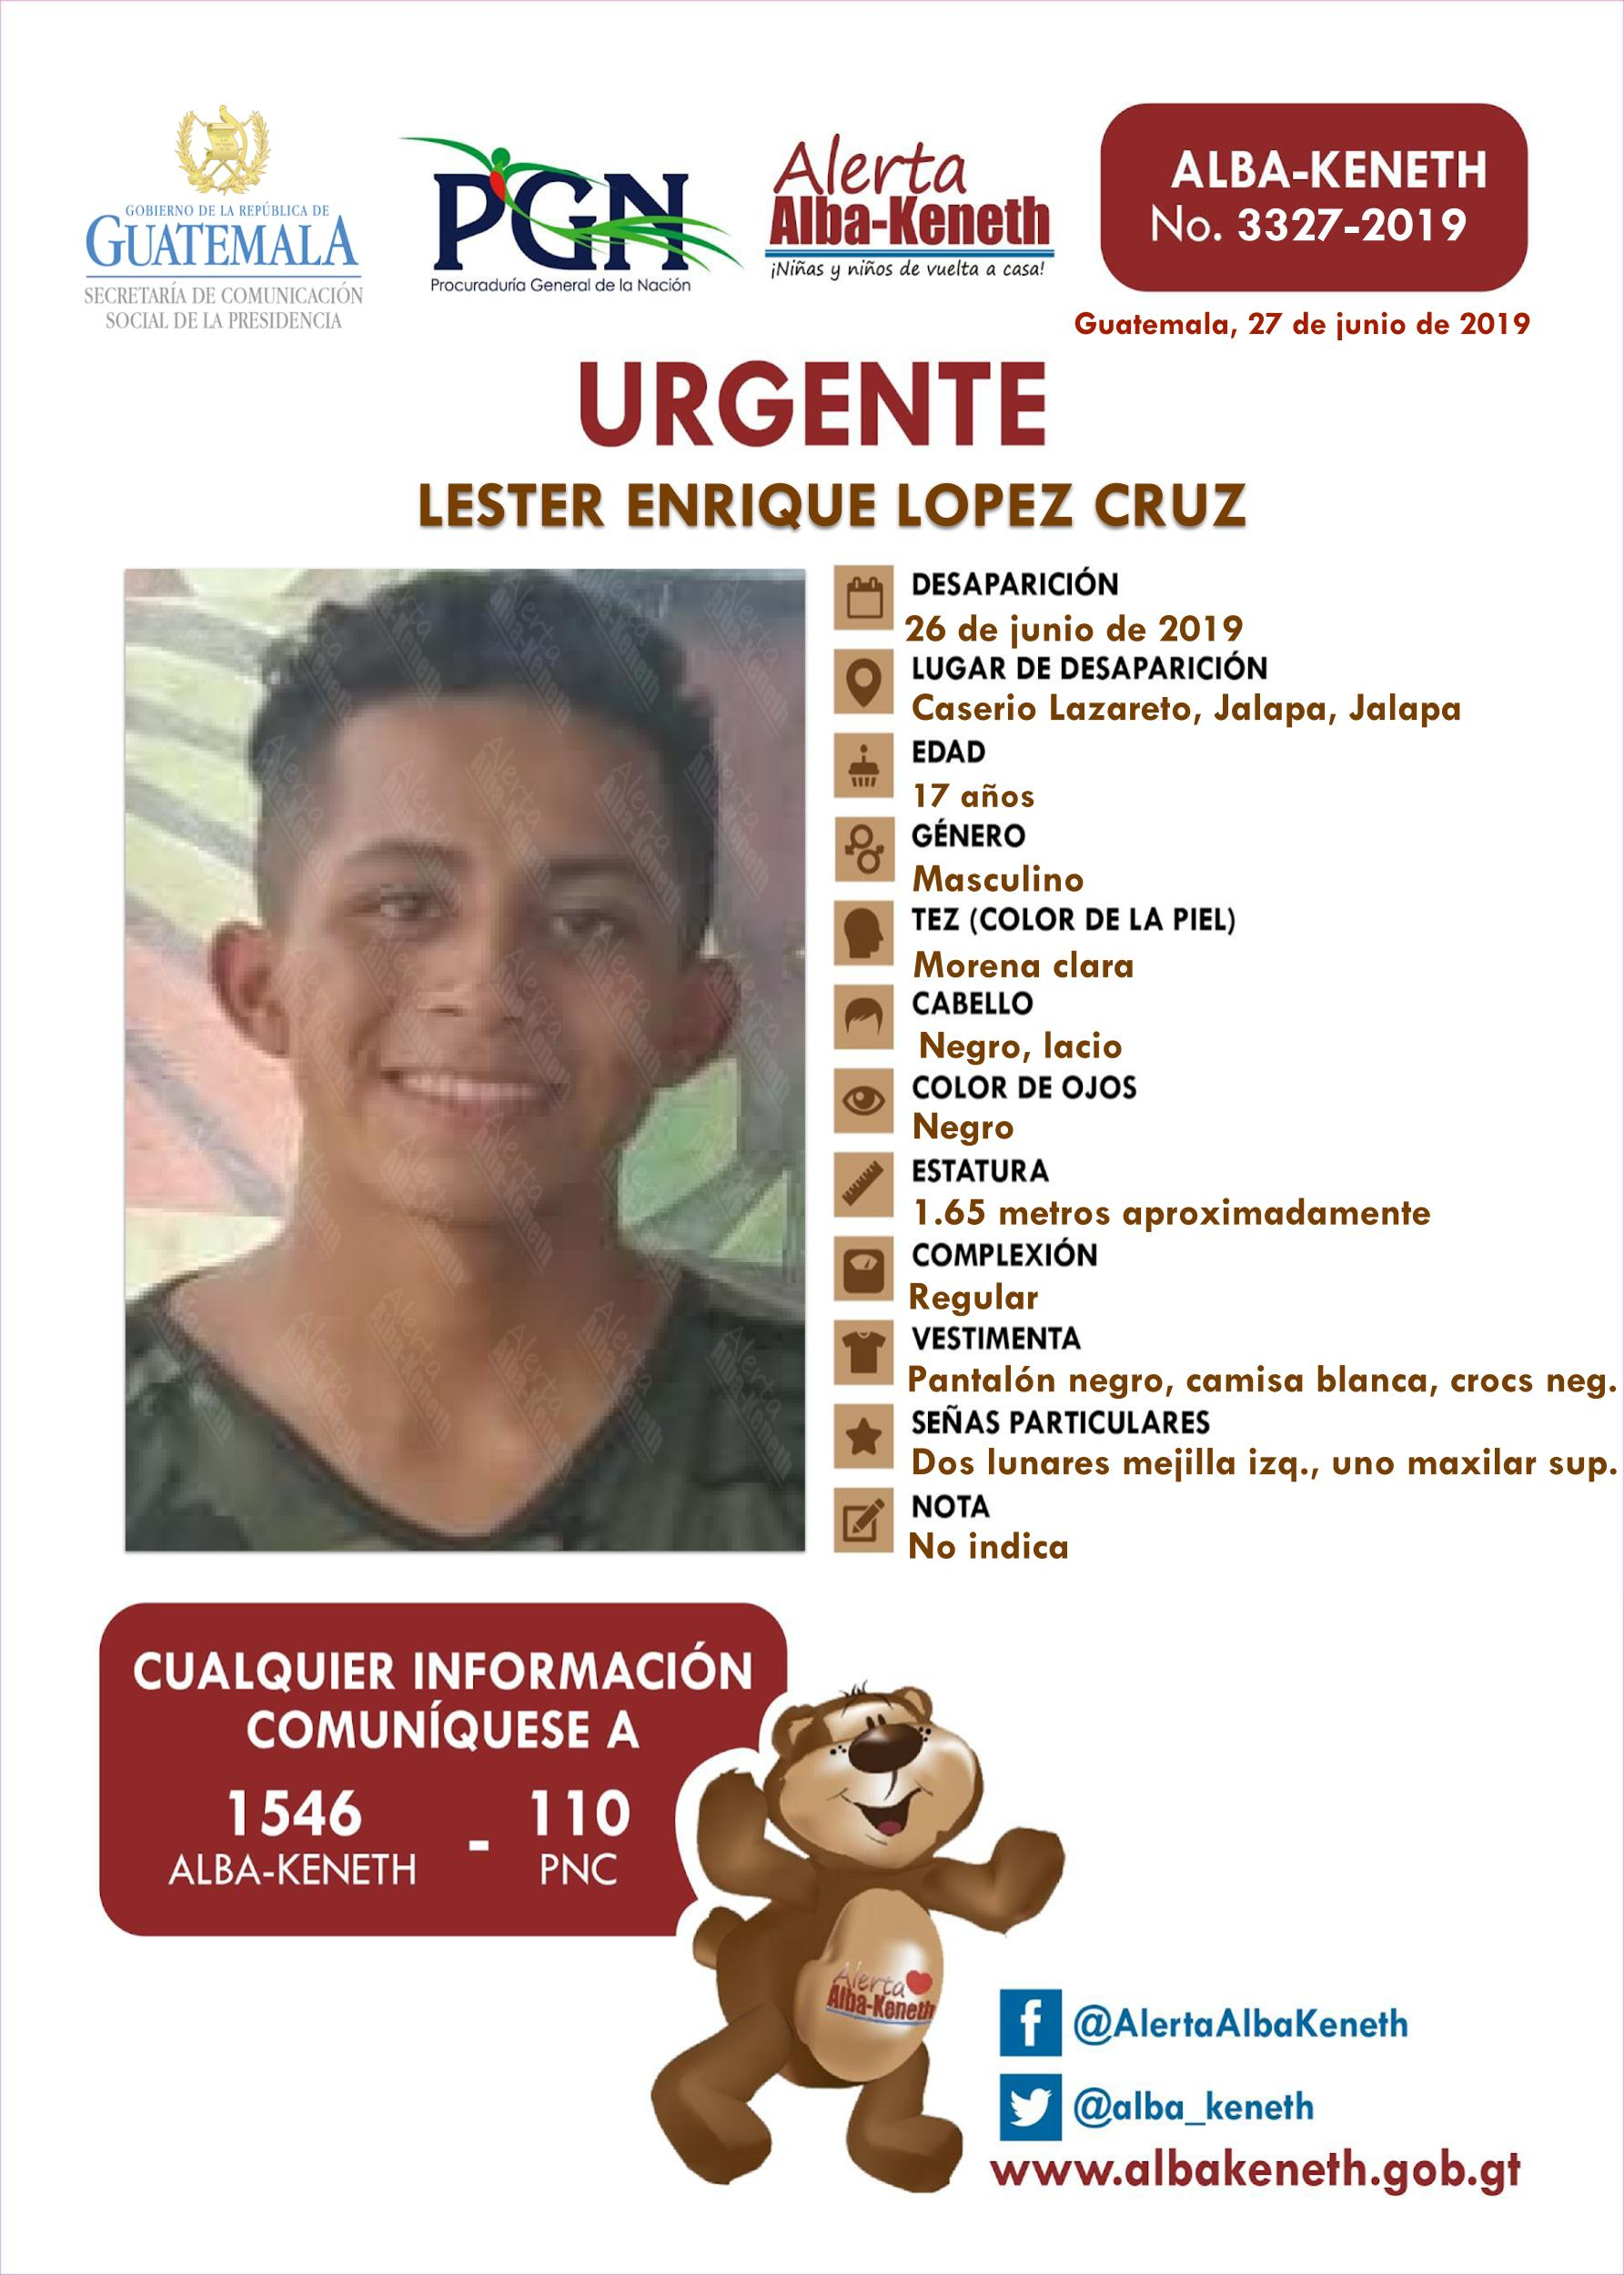 Lester Enrique Lopez Cruz